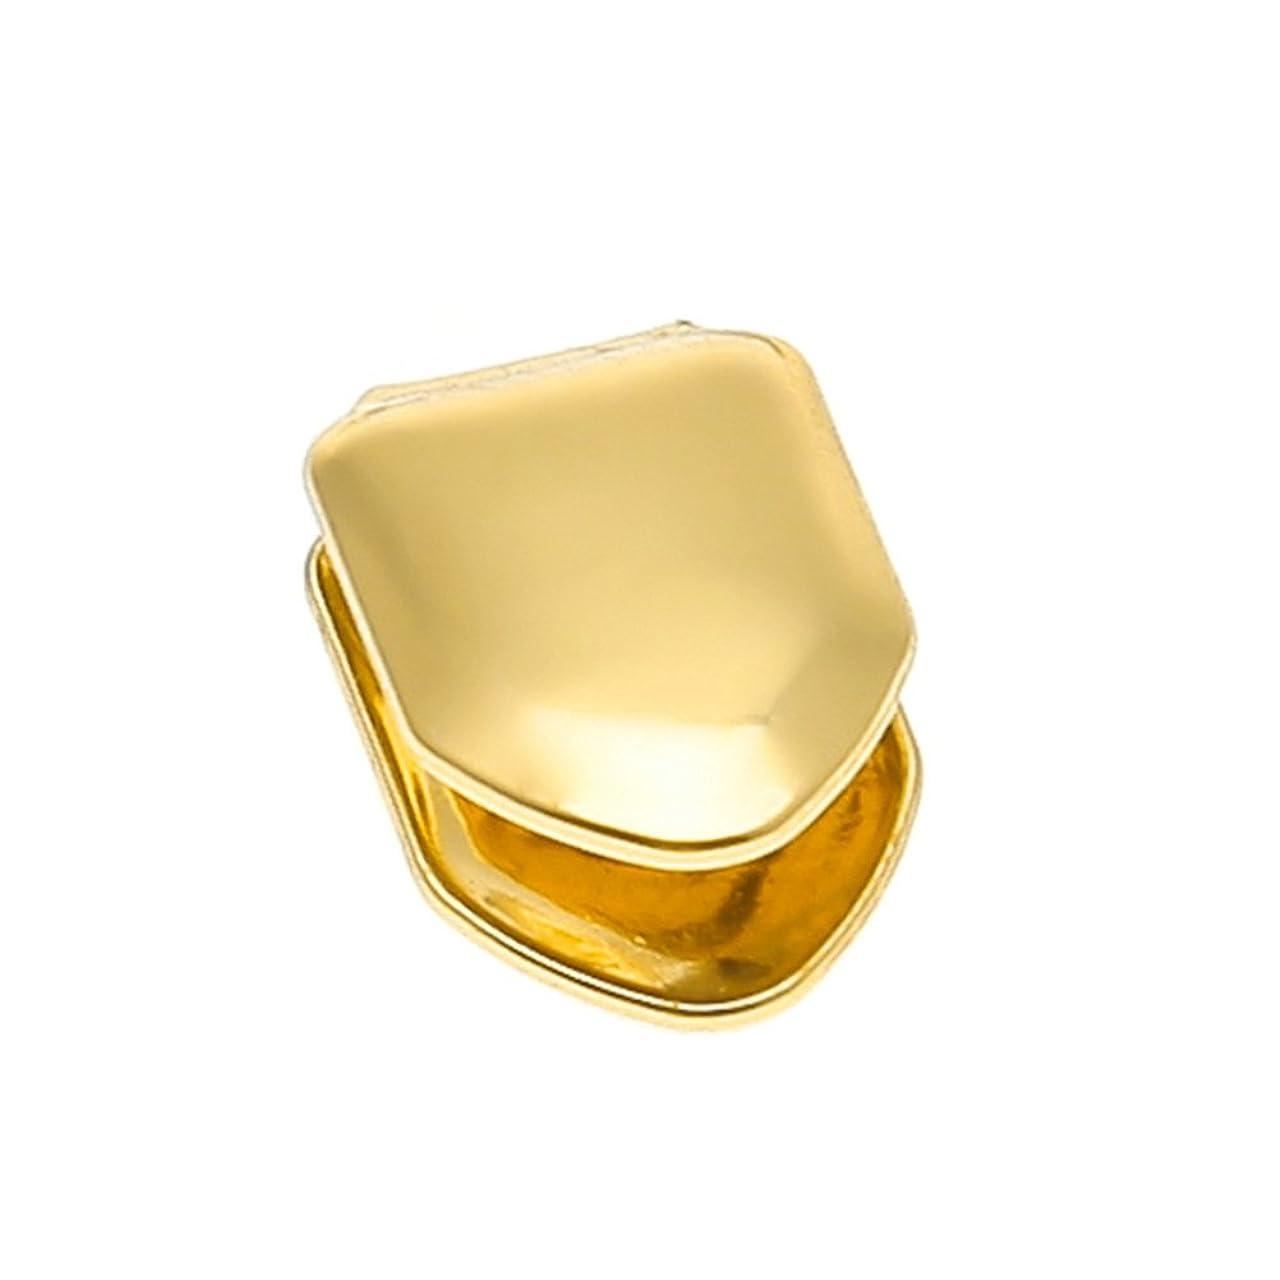 強化タイル複製Healifty ヒップホップの歯のキャップソリッド14Kゴールドメッキの小さなシングルトゥースキャップ上下のヒップホップの歯のグリル(ゴールド)